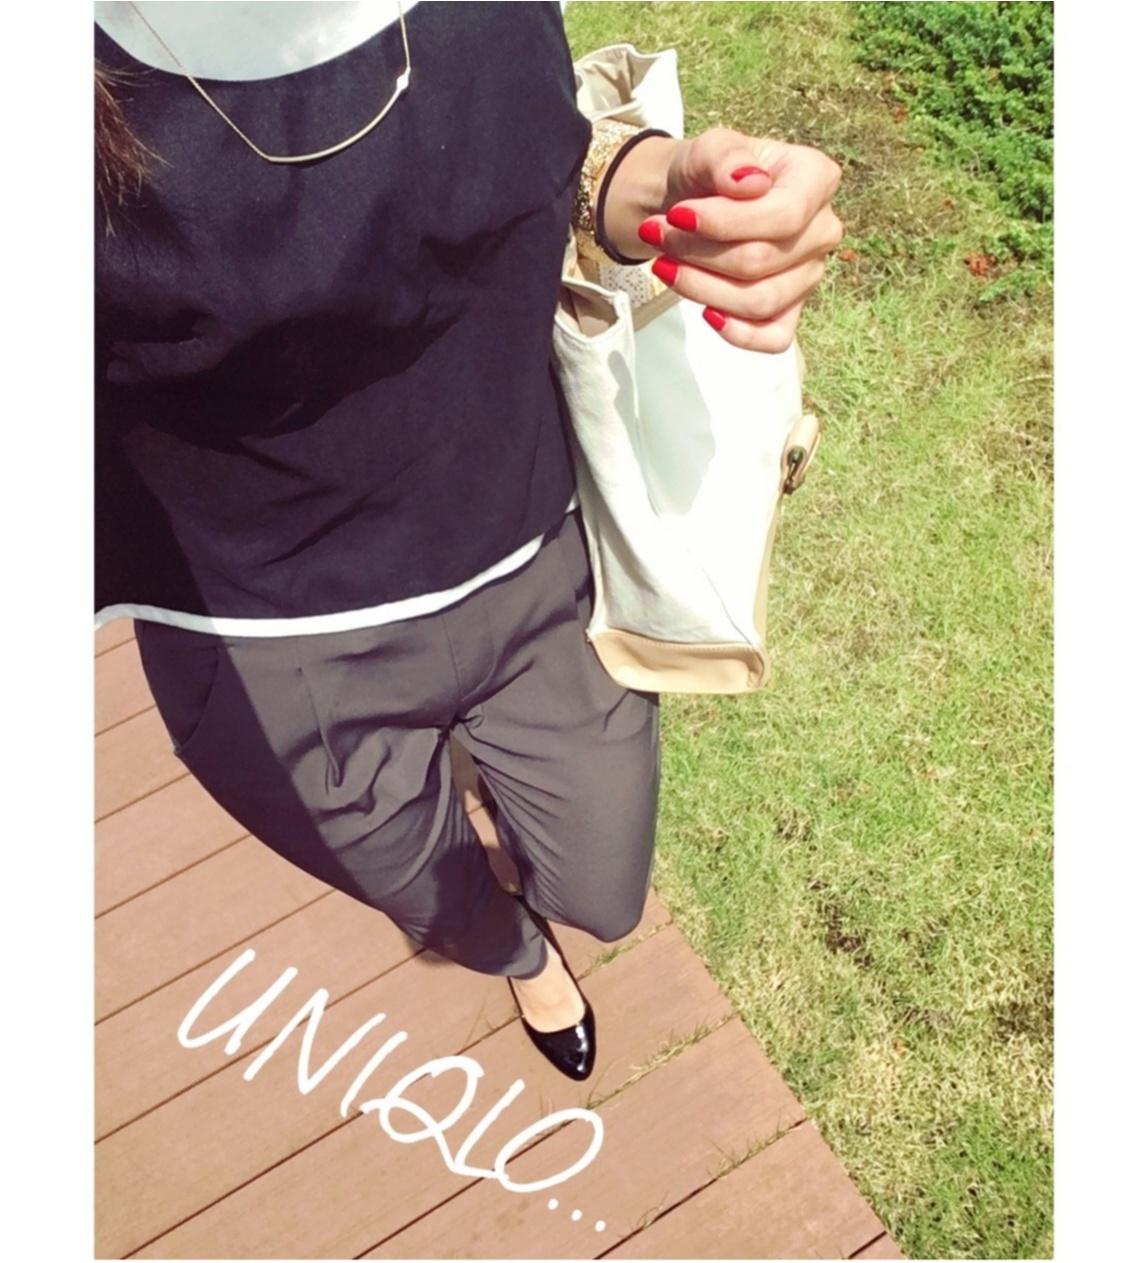 部員オススメの【ユニクロ】と【コスメ】ブログが大人気! 今週のモアハピ部人気ブログトップ5☆_5